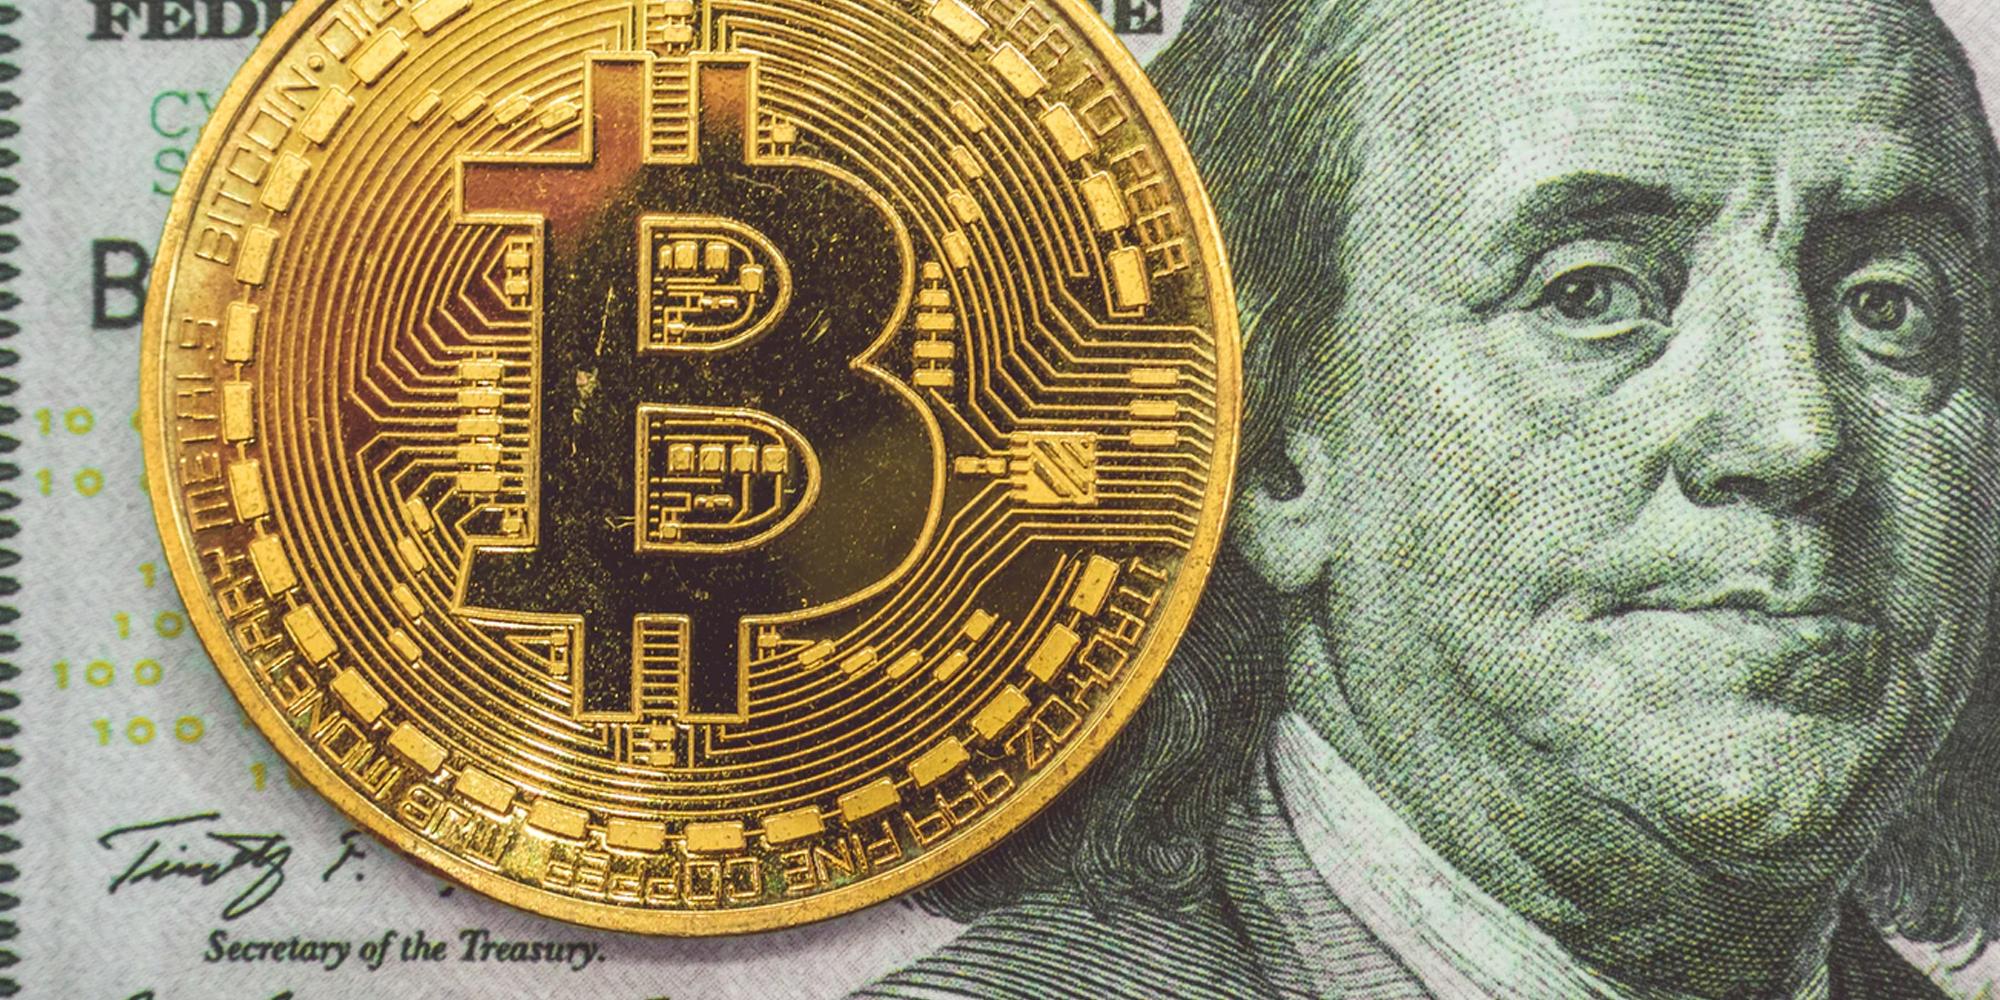 Bitcoin Revolution opinie oraz oszustwo